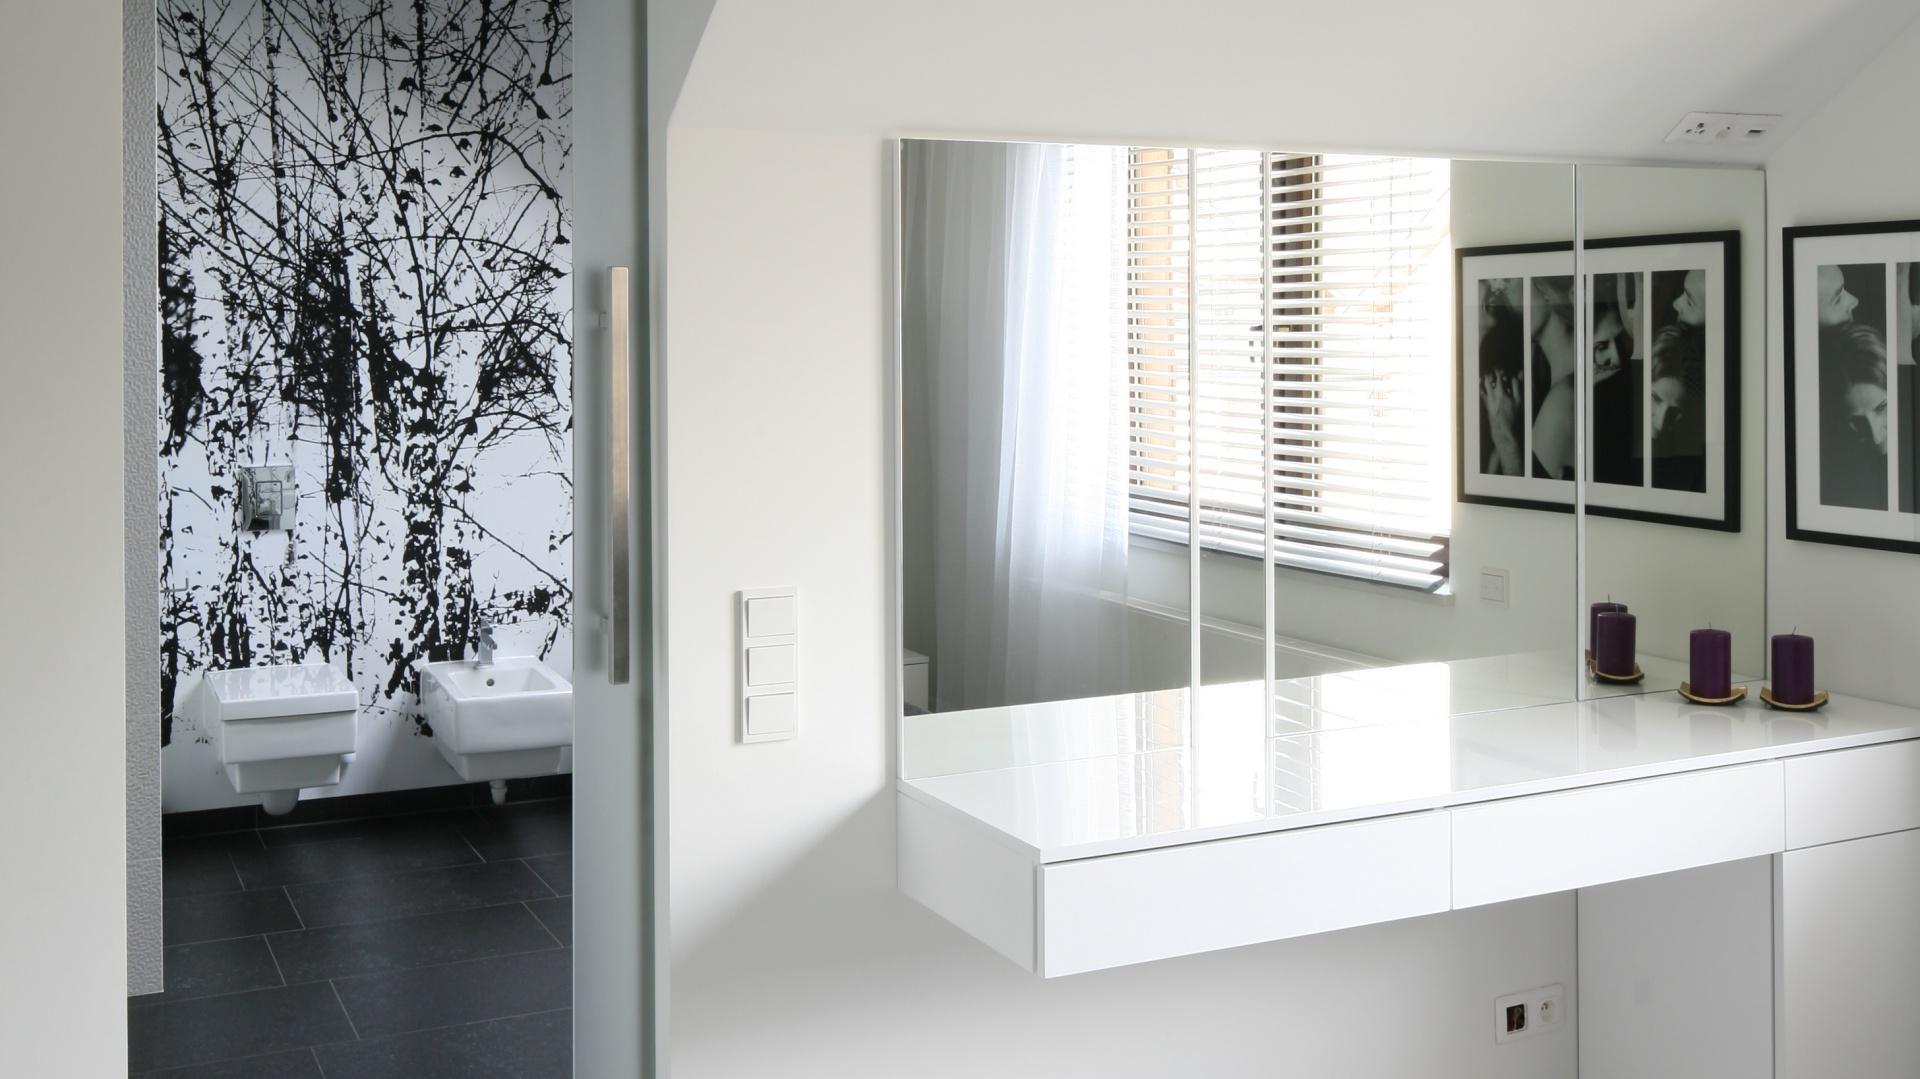 Nowoczesna Sypialnia Wnętrze Z łazienką I Garderobą